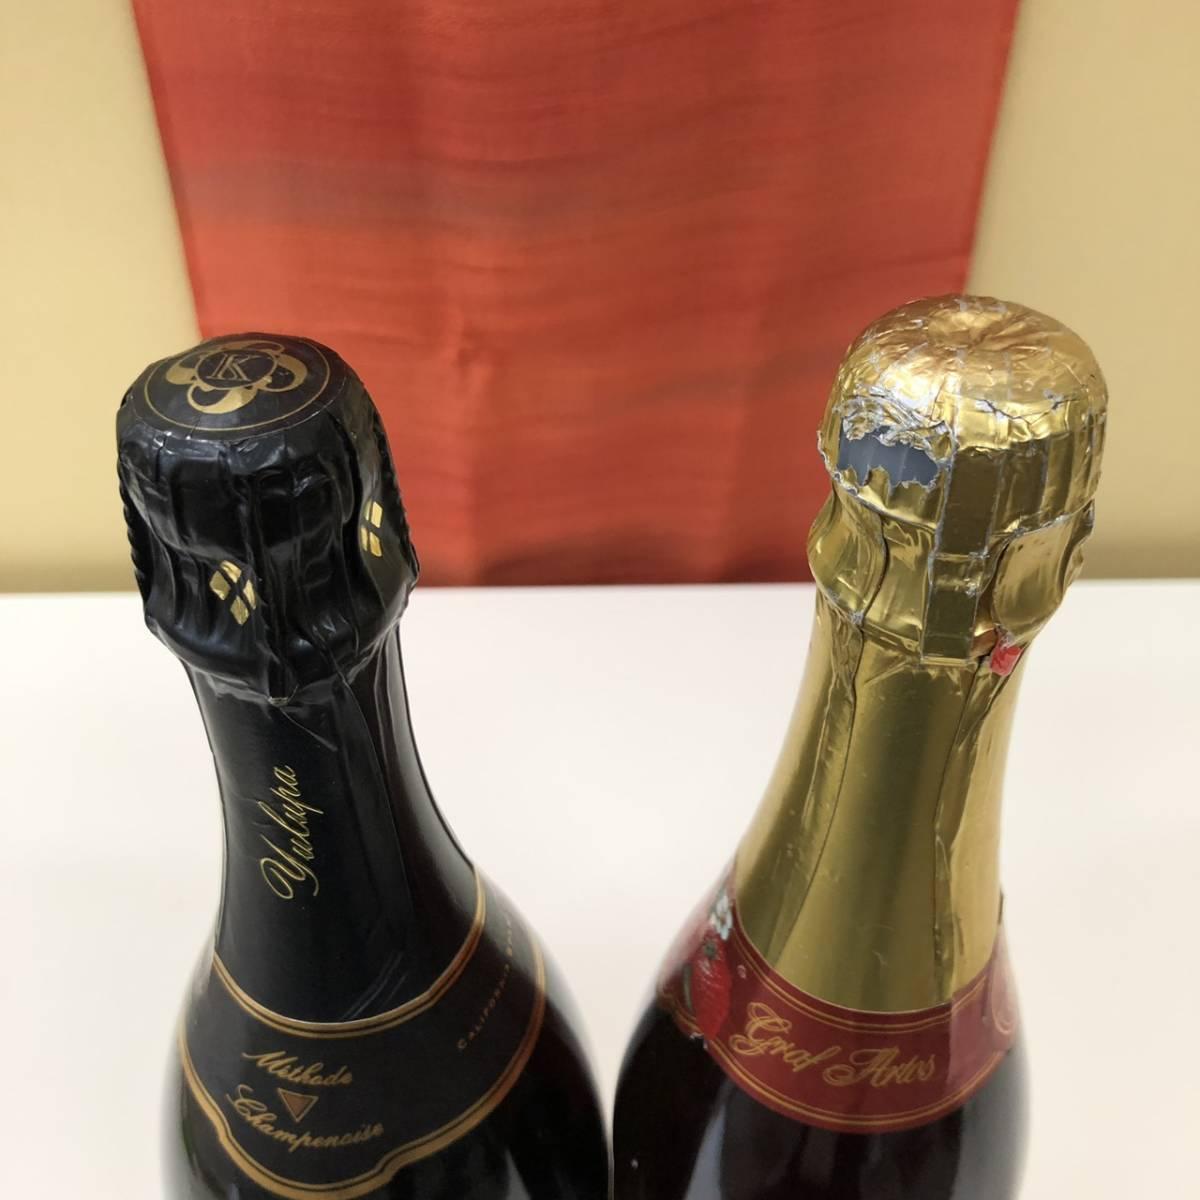 【2456】スパークリング ワイン ◆KENWOOD & エルドベーア・シャウムヴァイン ◆ ストロベリー イチゴ 2本セット 750ml 古酒 アルコール_画像6